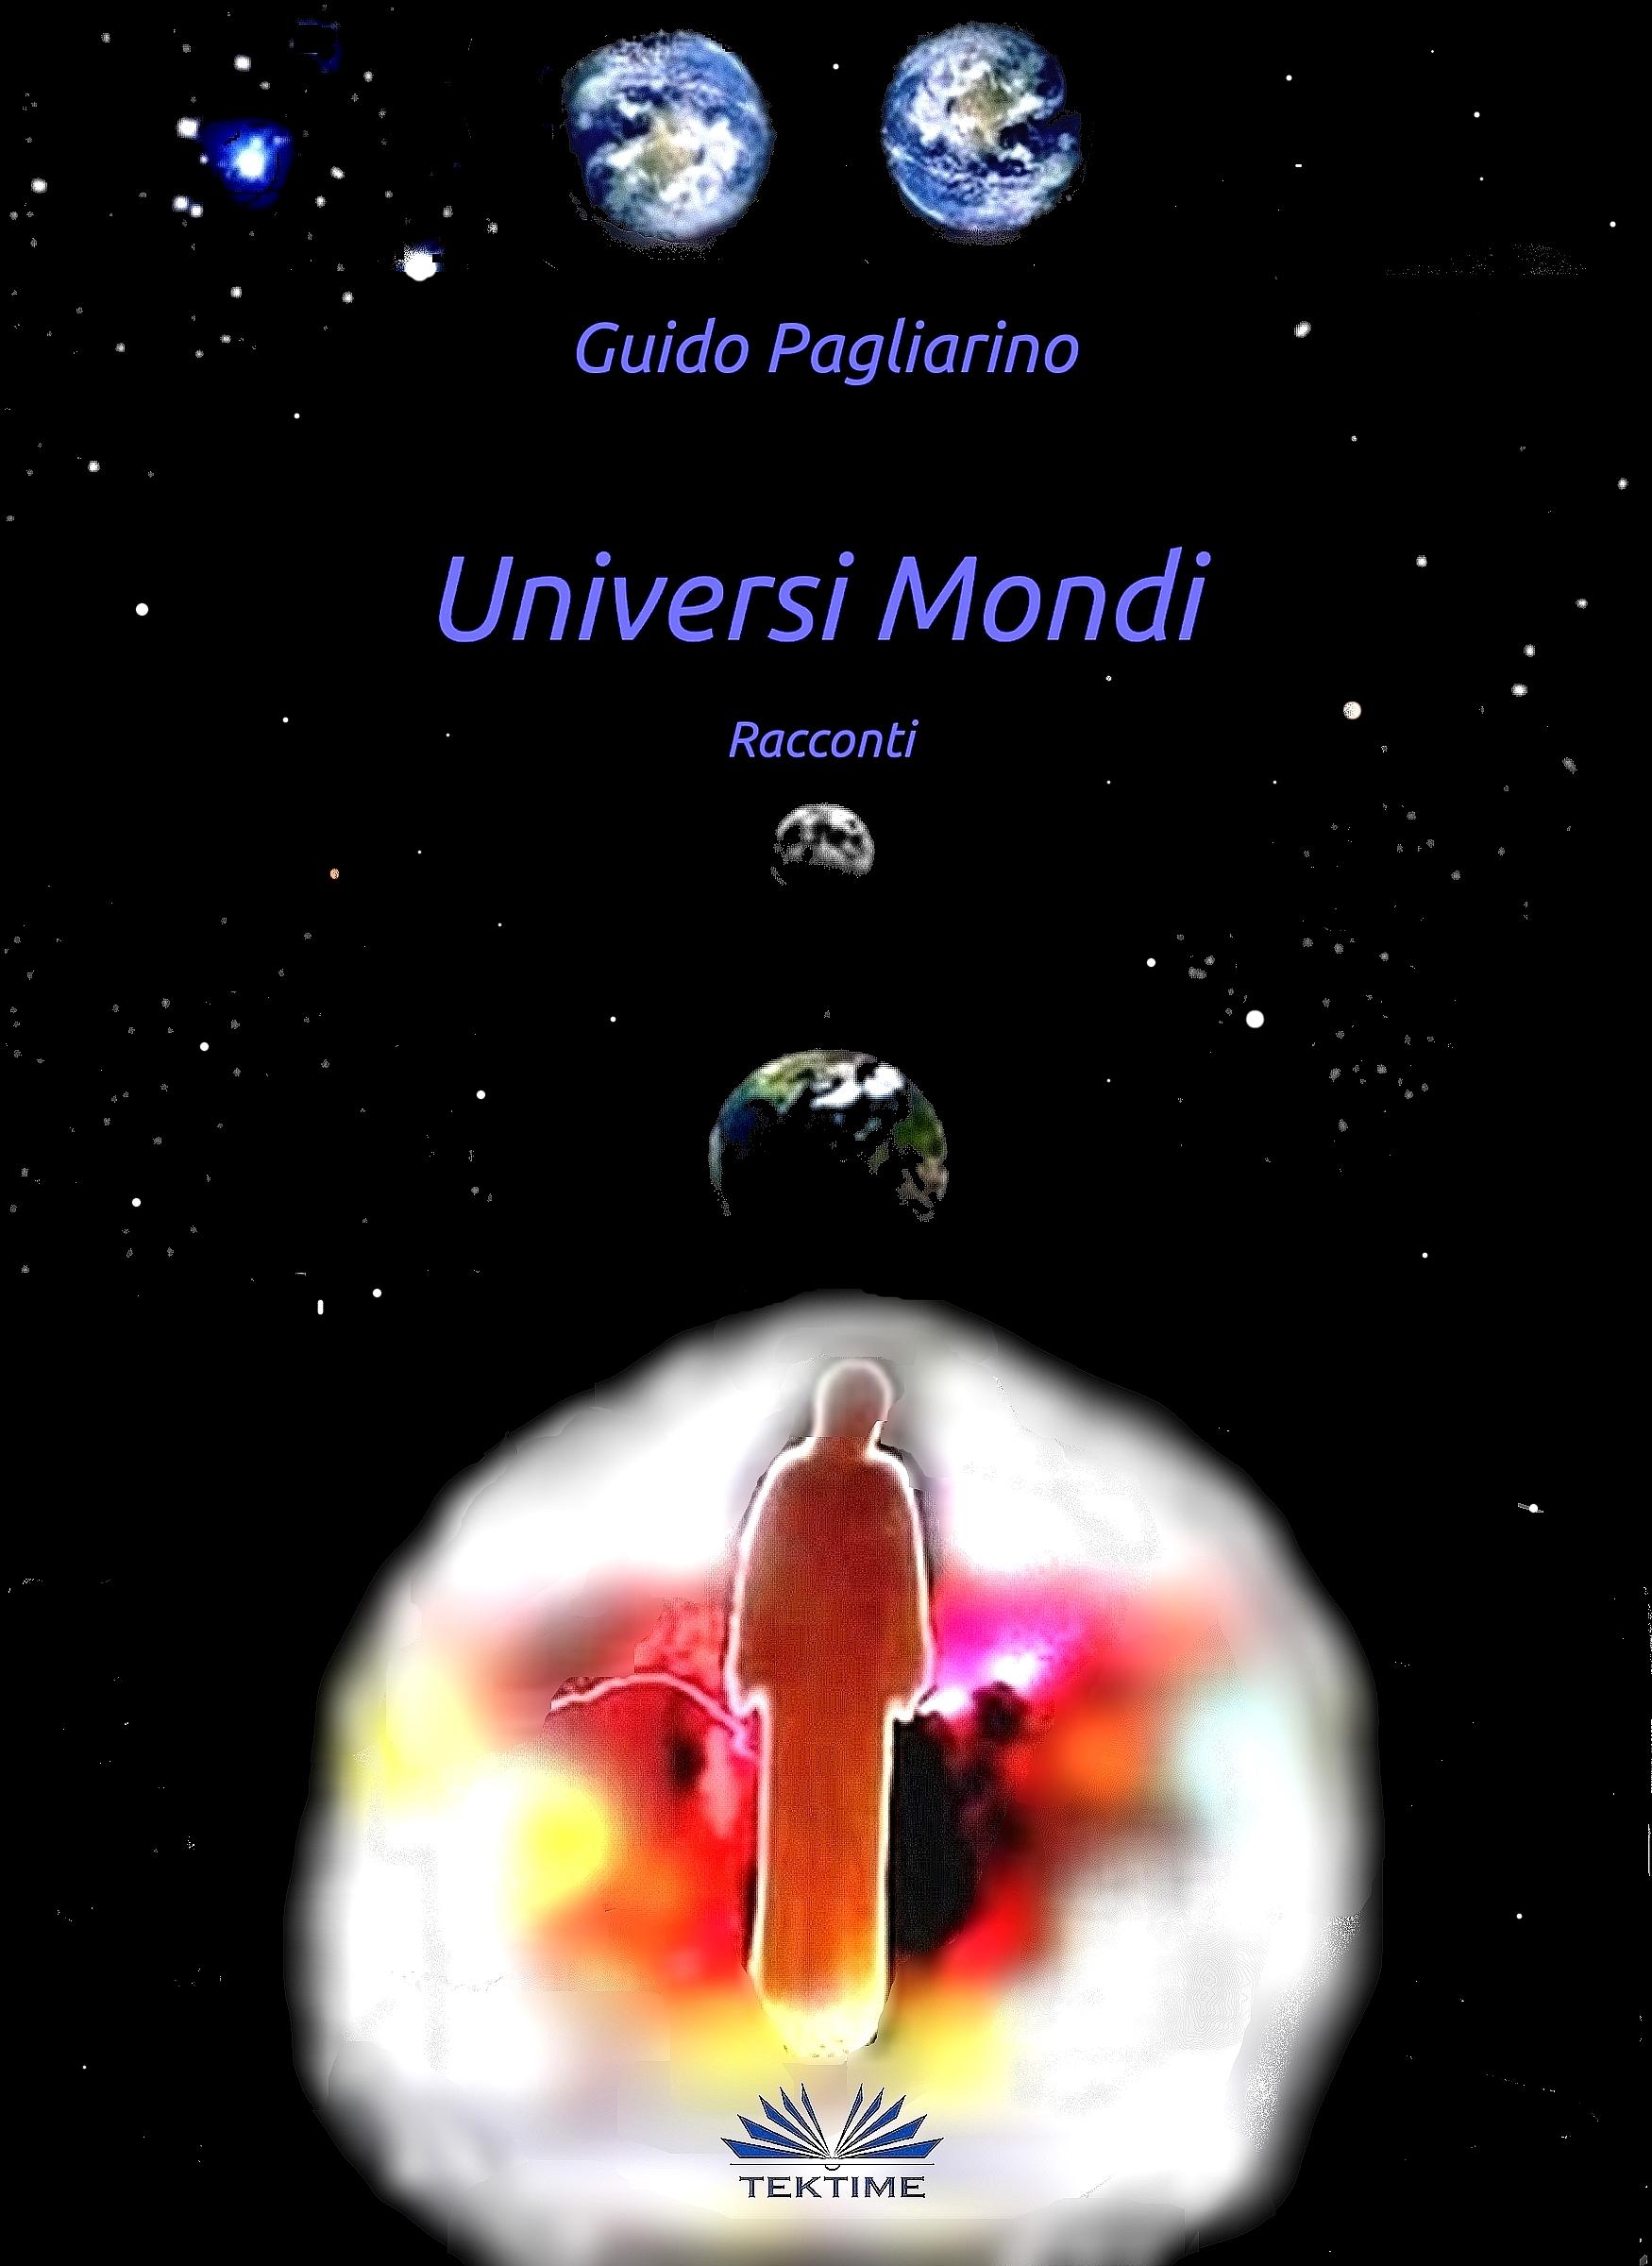 Guido Pagliarino Universi Mondi les farley mondi